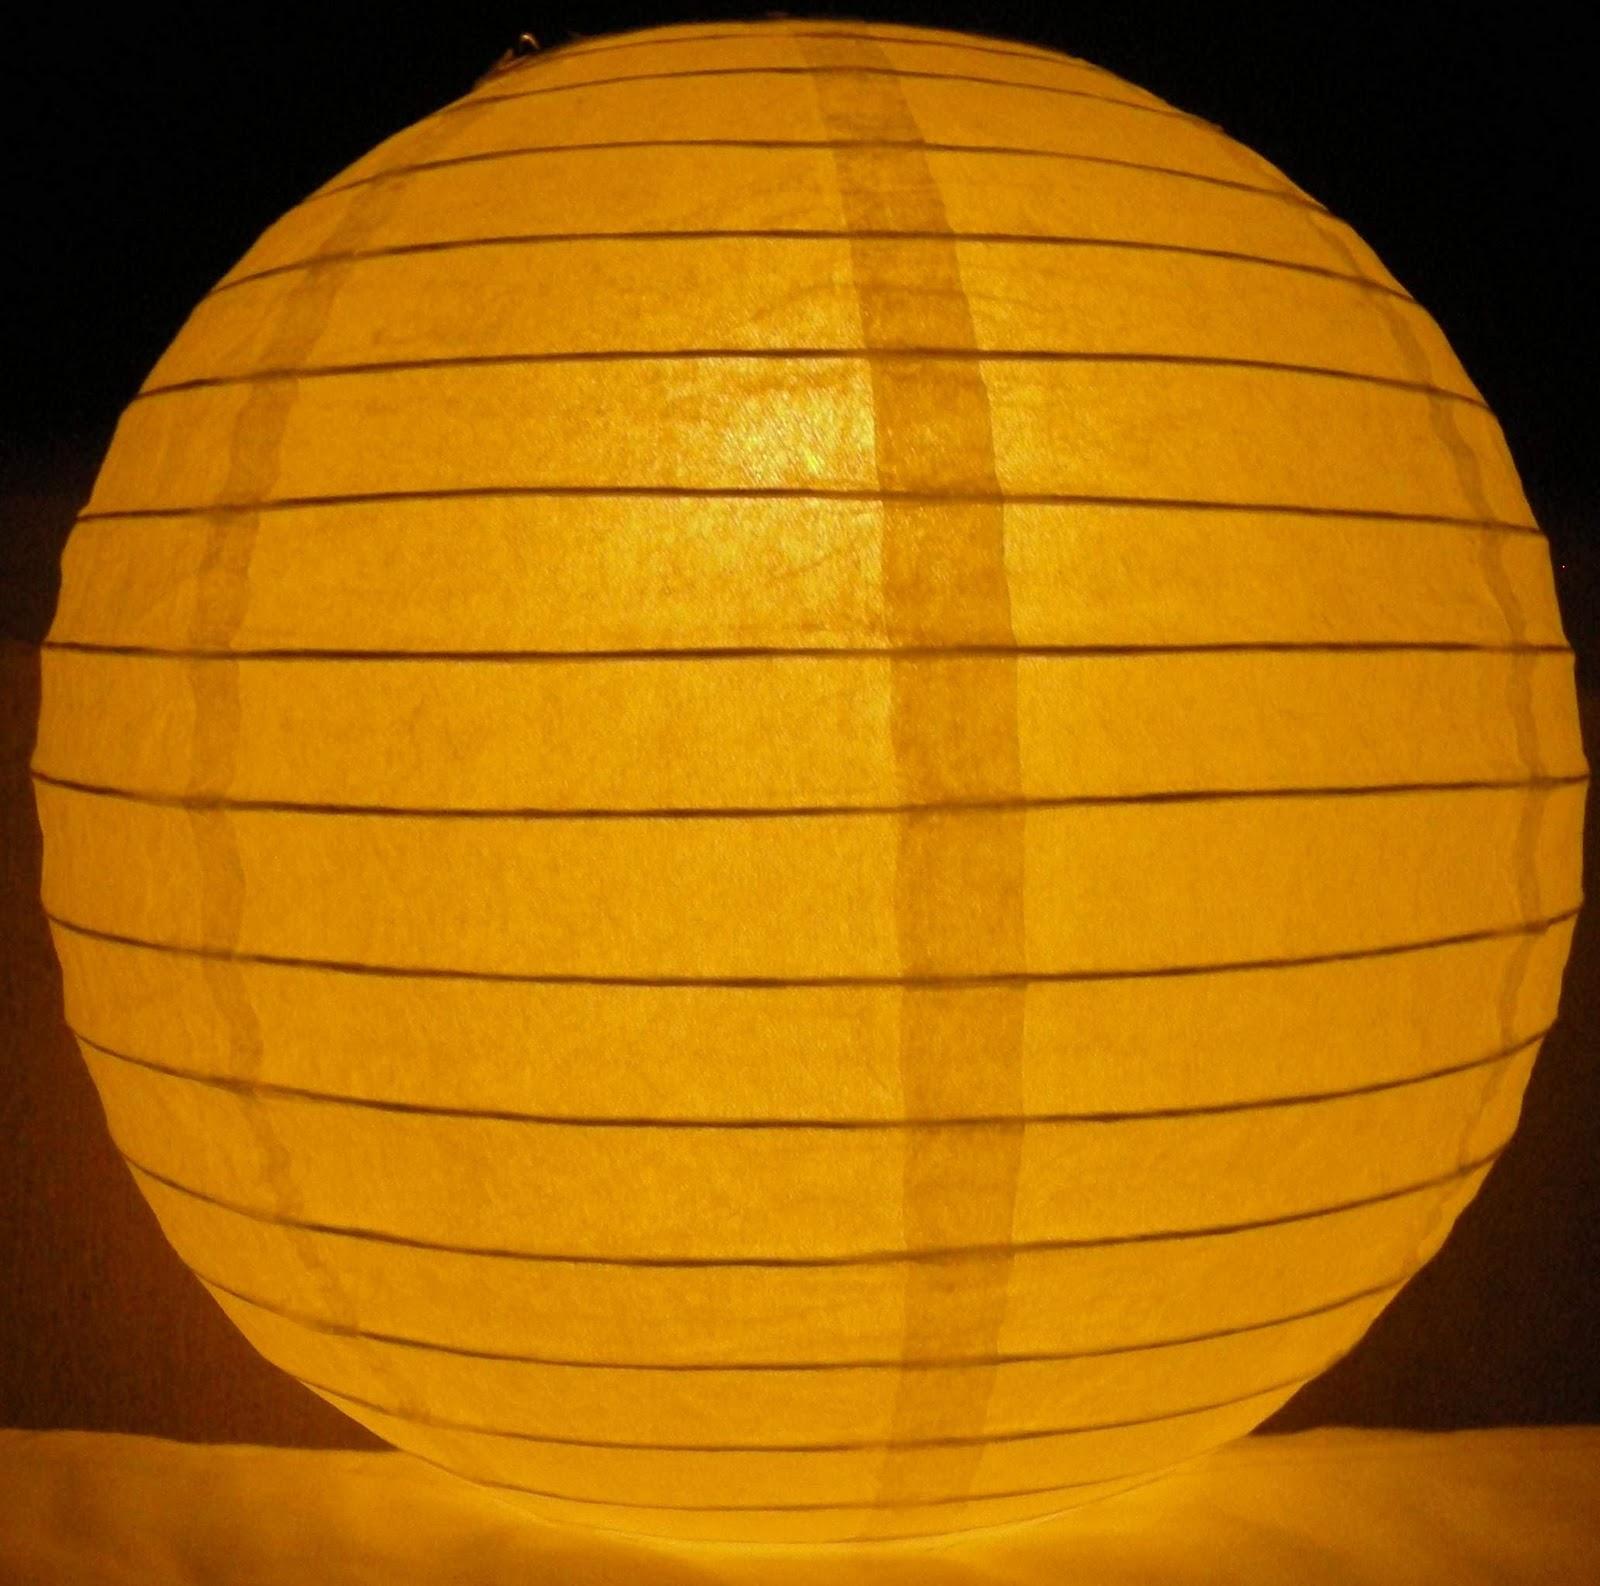 10 round white paper lanterns